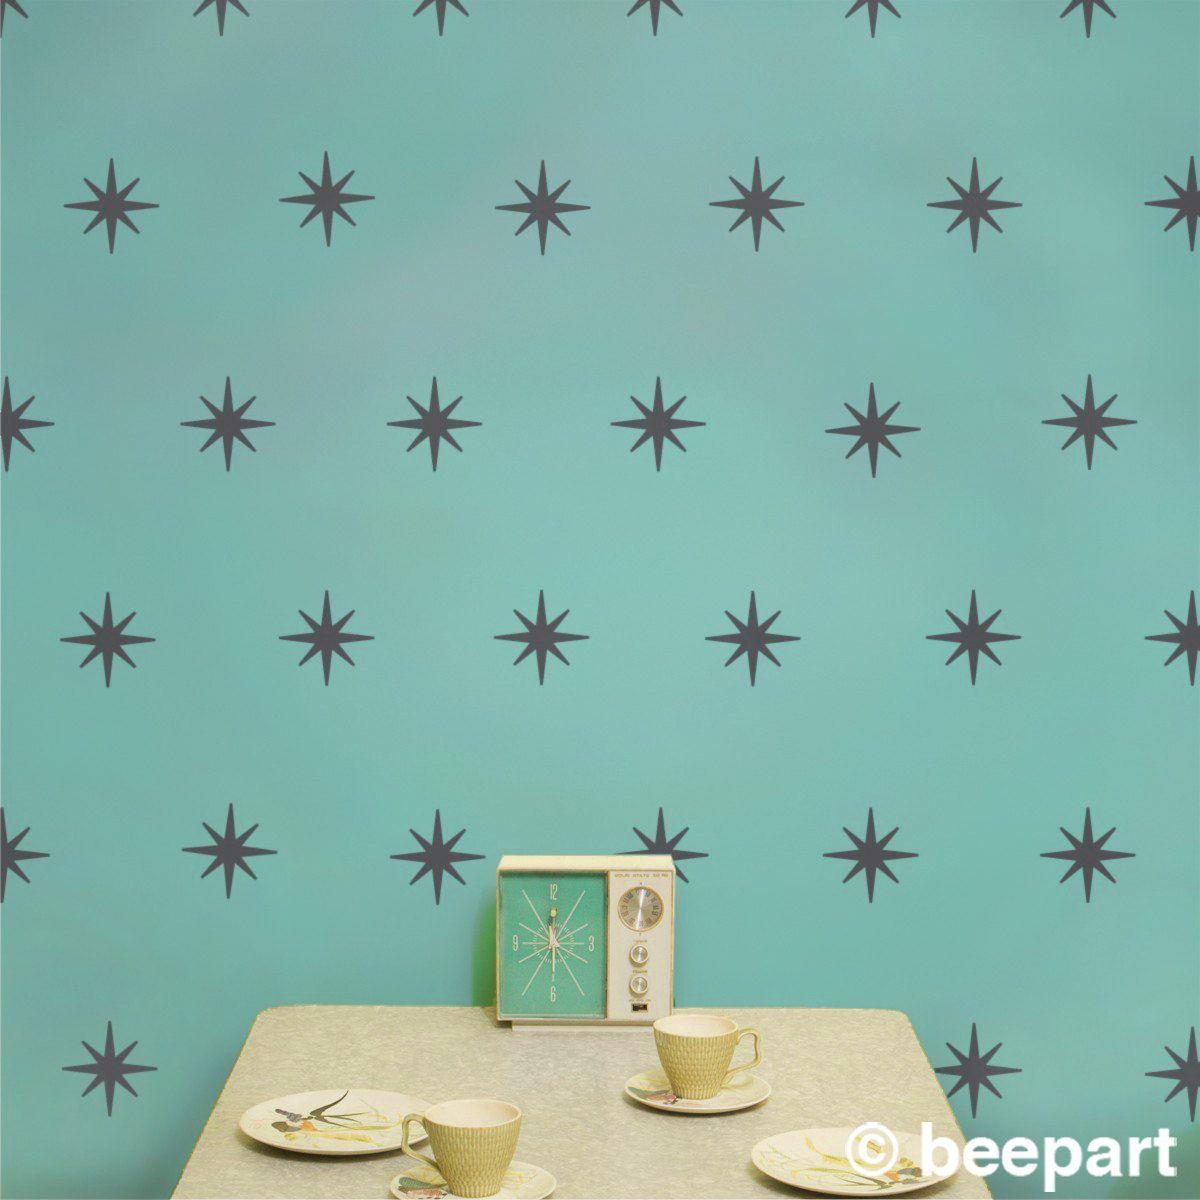 Starburst mid century wall decal pattern set, vinyl art, coronata ...